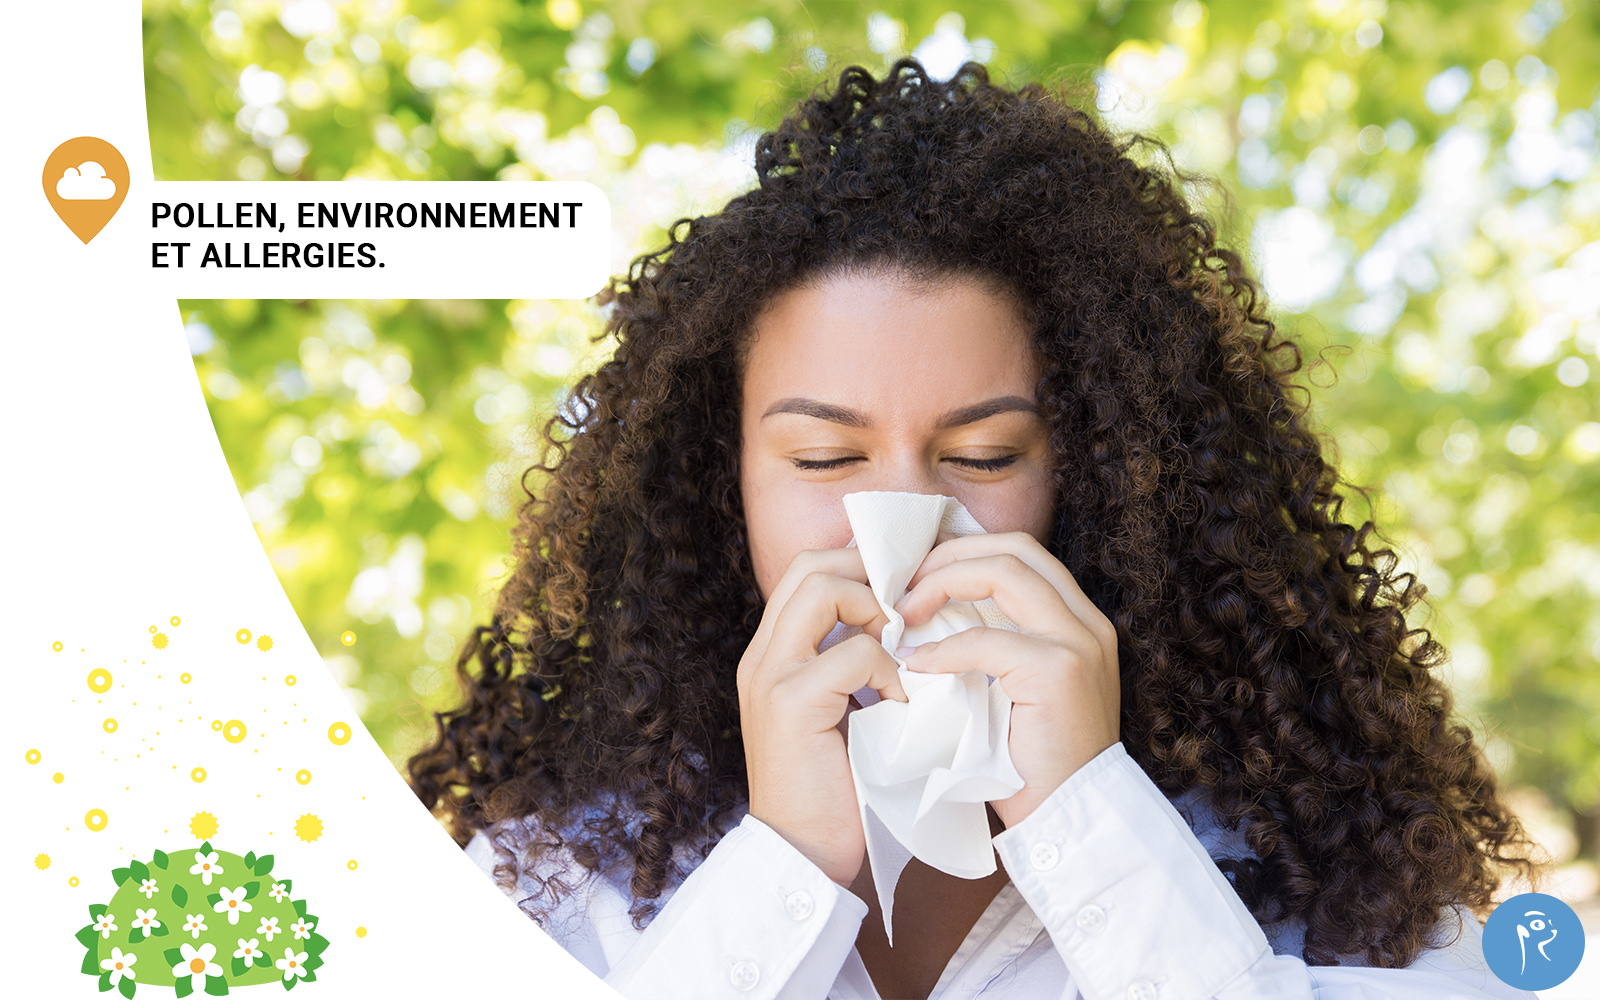 Pollen, environnement et allergies : vrai ou faux ?